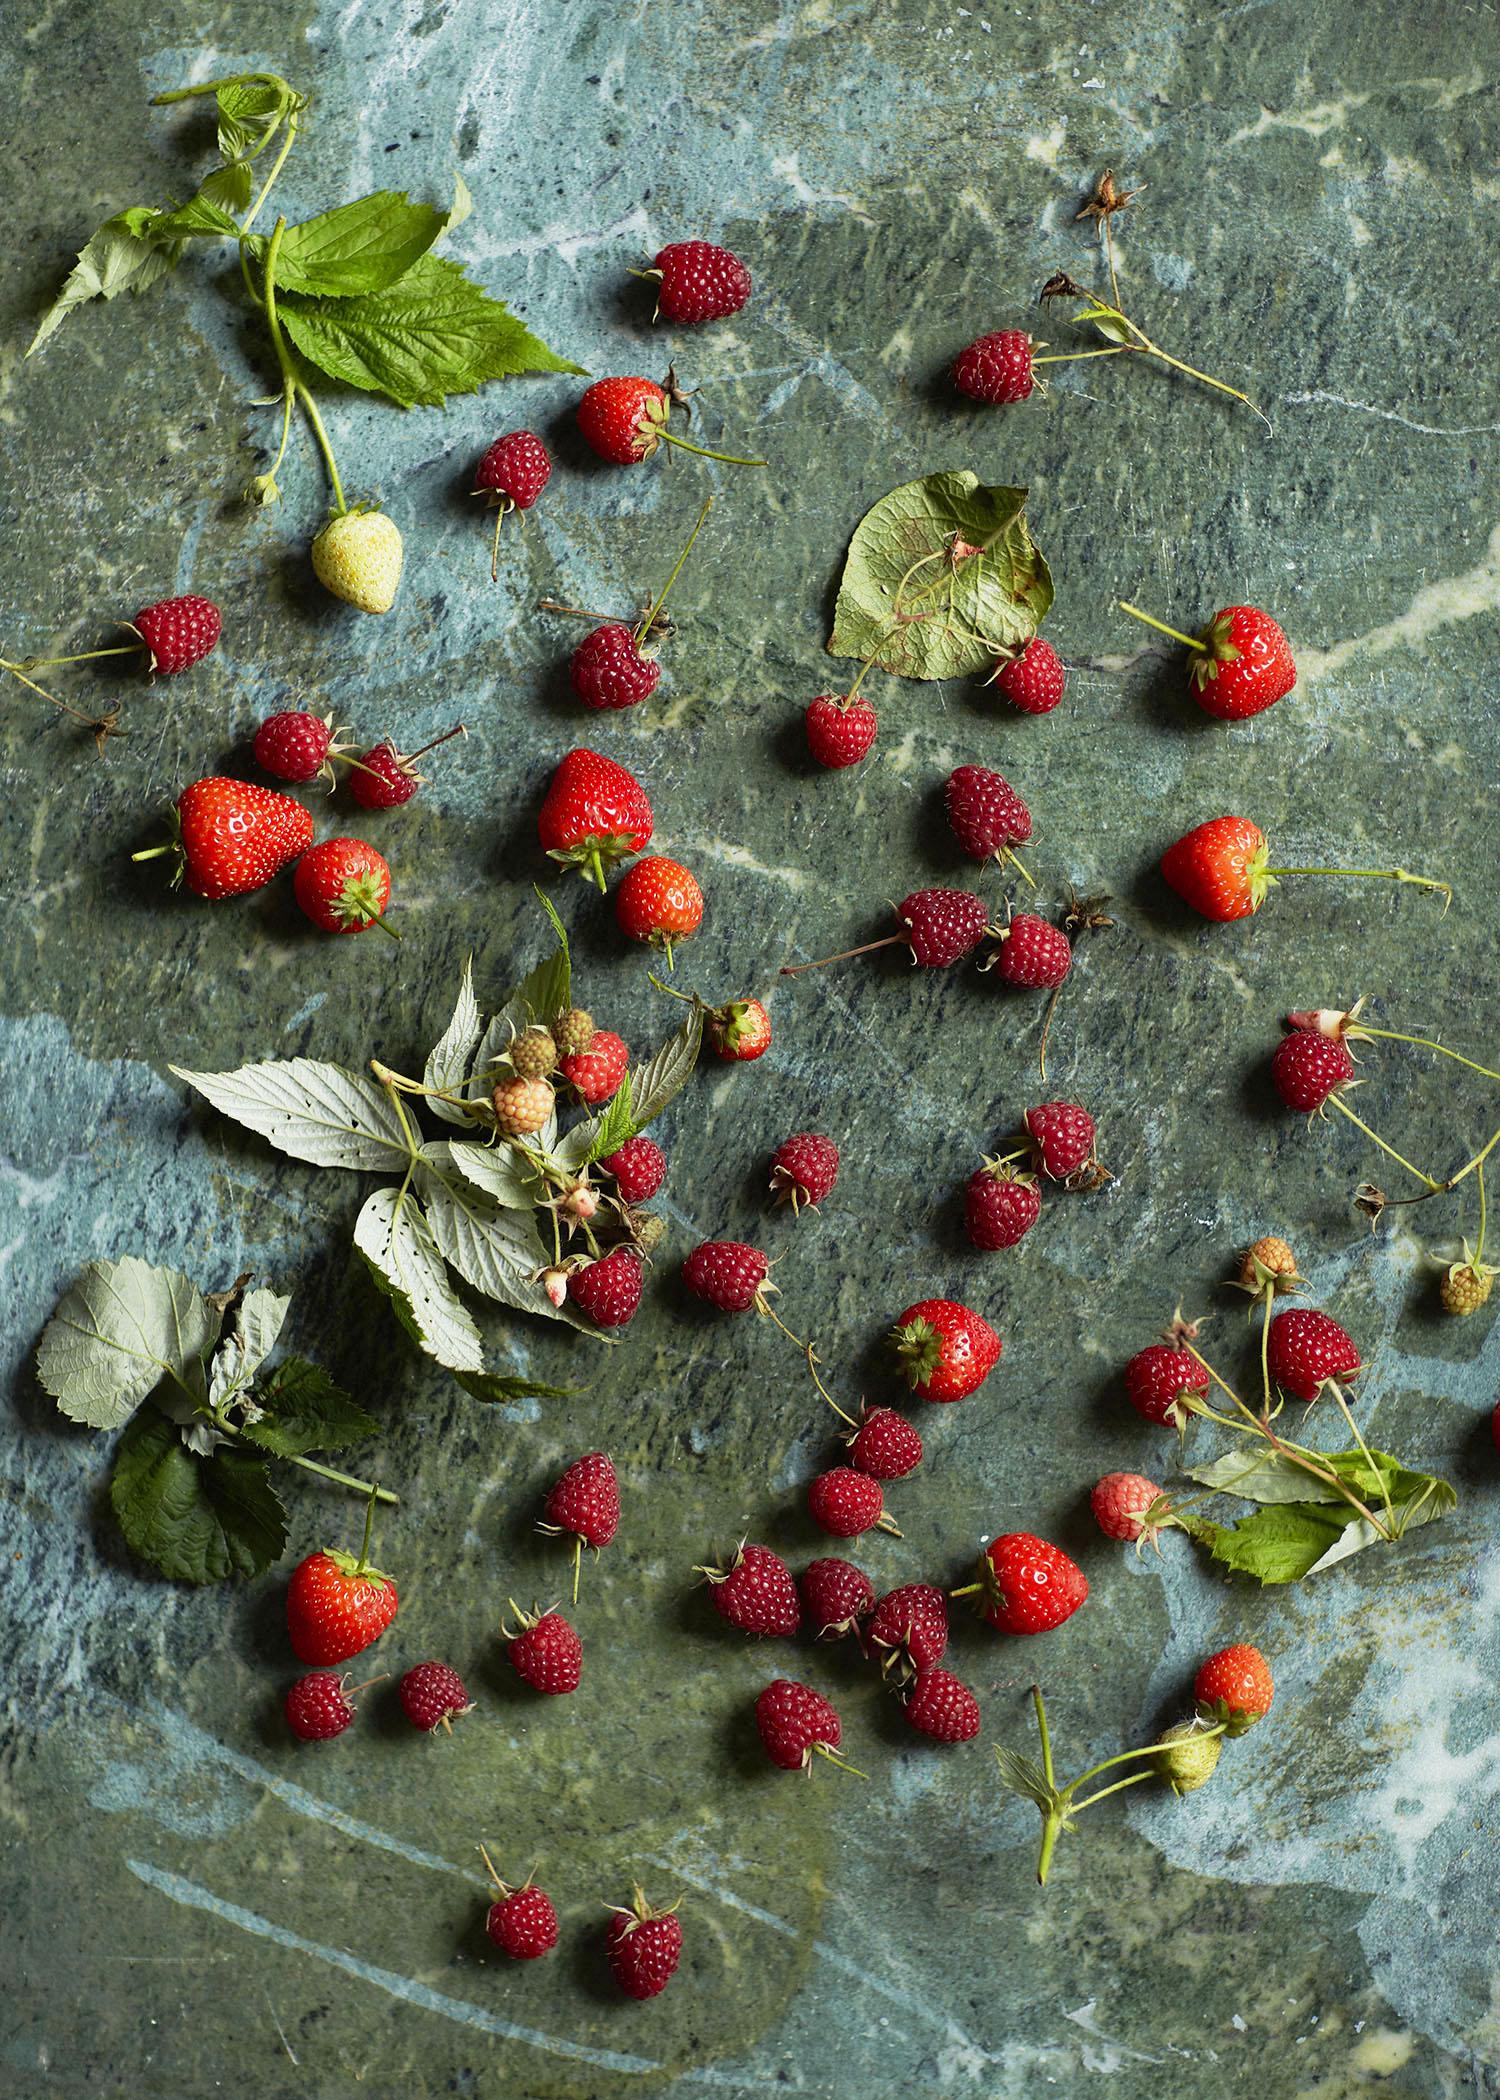 Berries_005.jpg